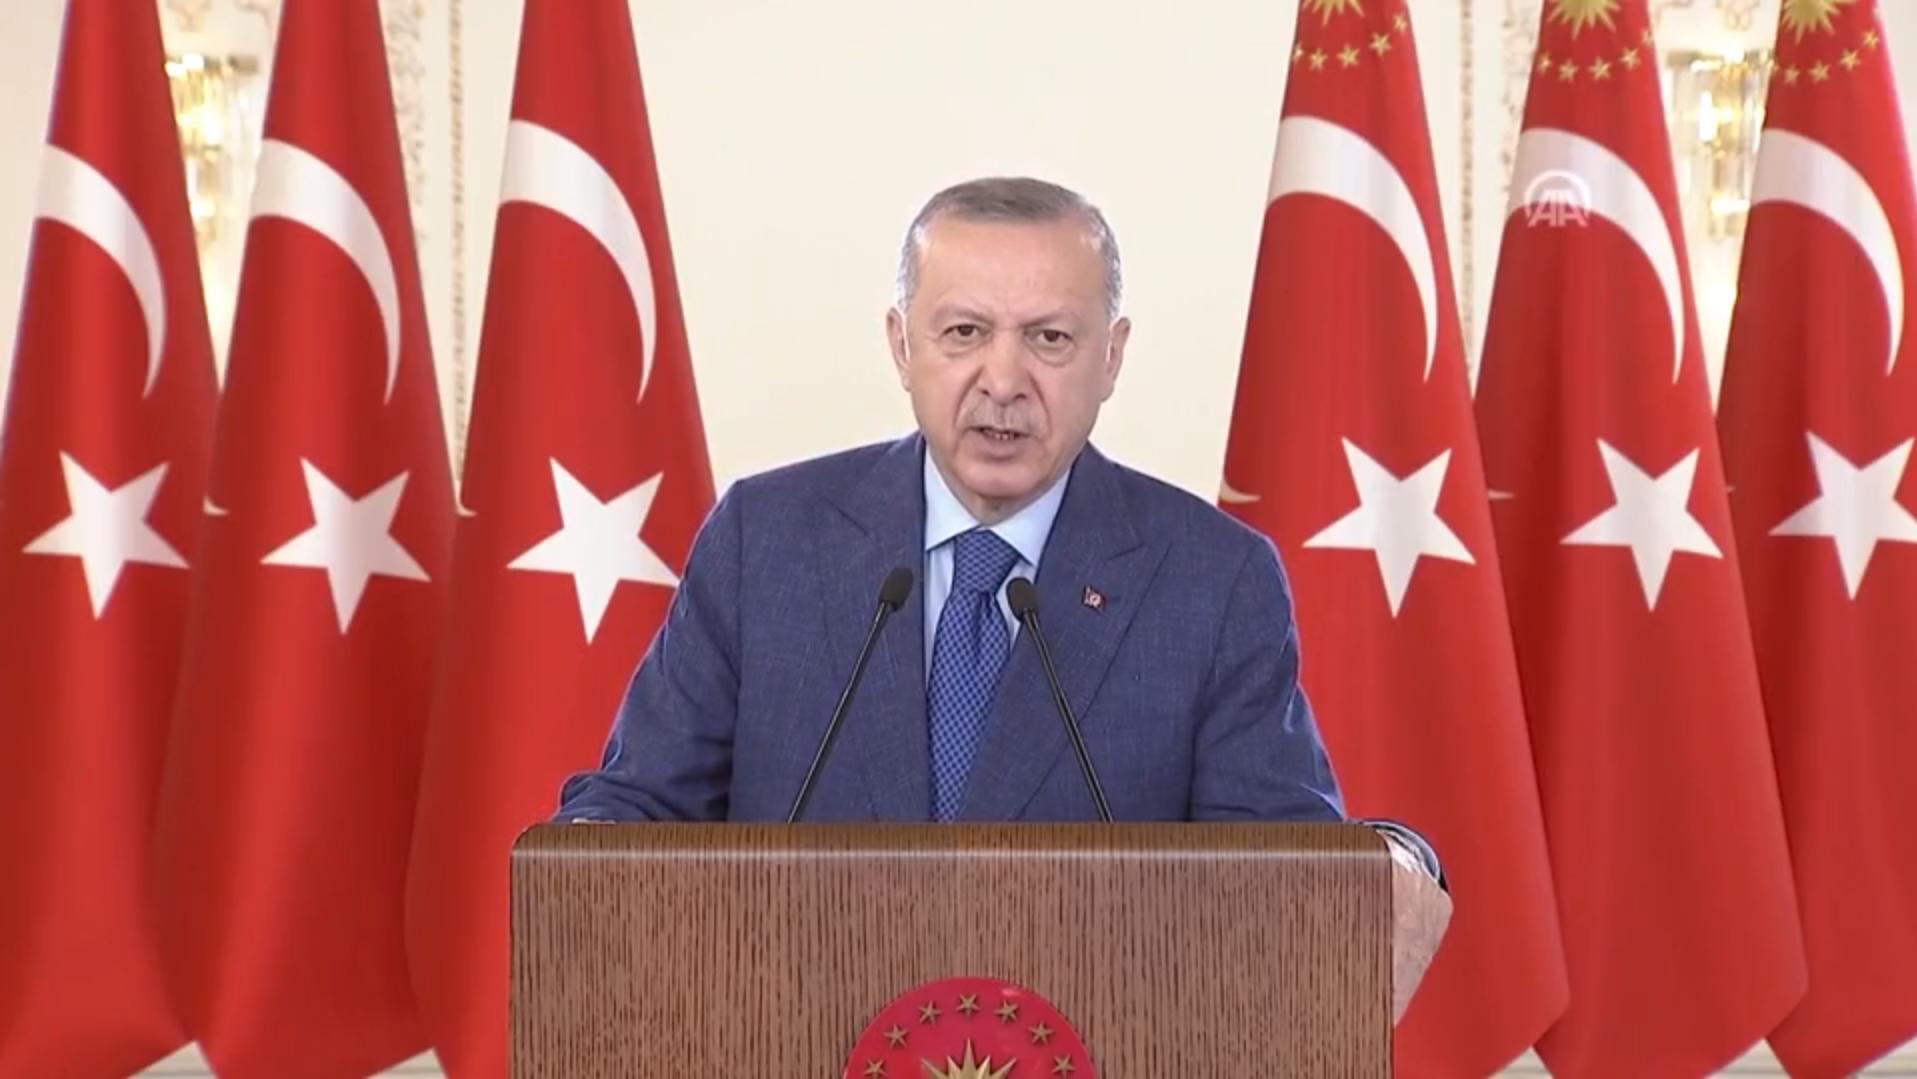 Video mesaj gönderen Cumhurbaşkanı Erdoğan'dan önemli açıklamalar